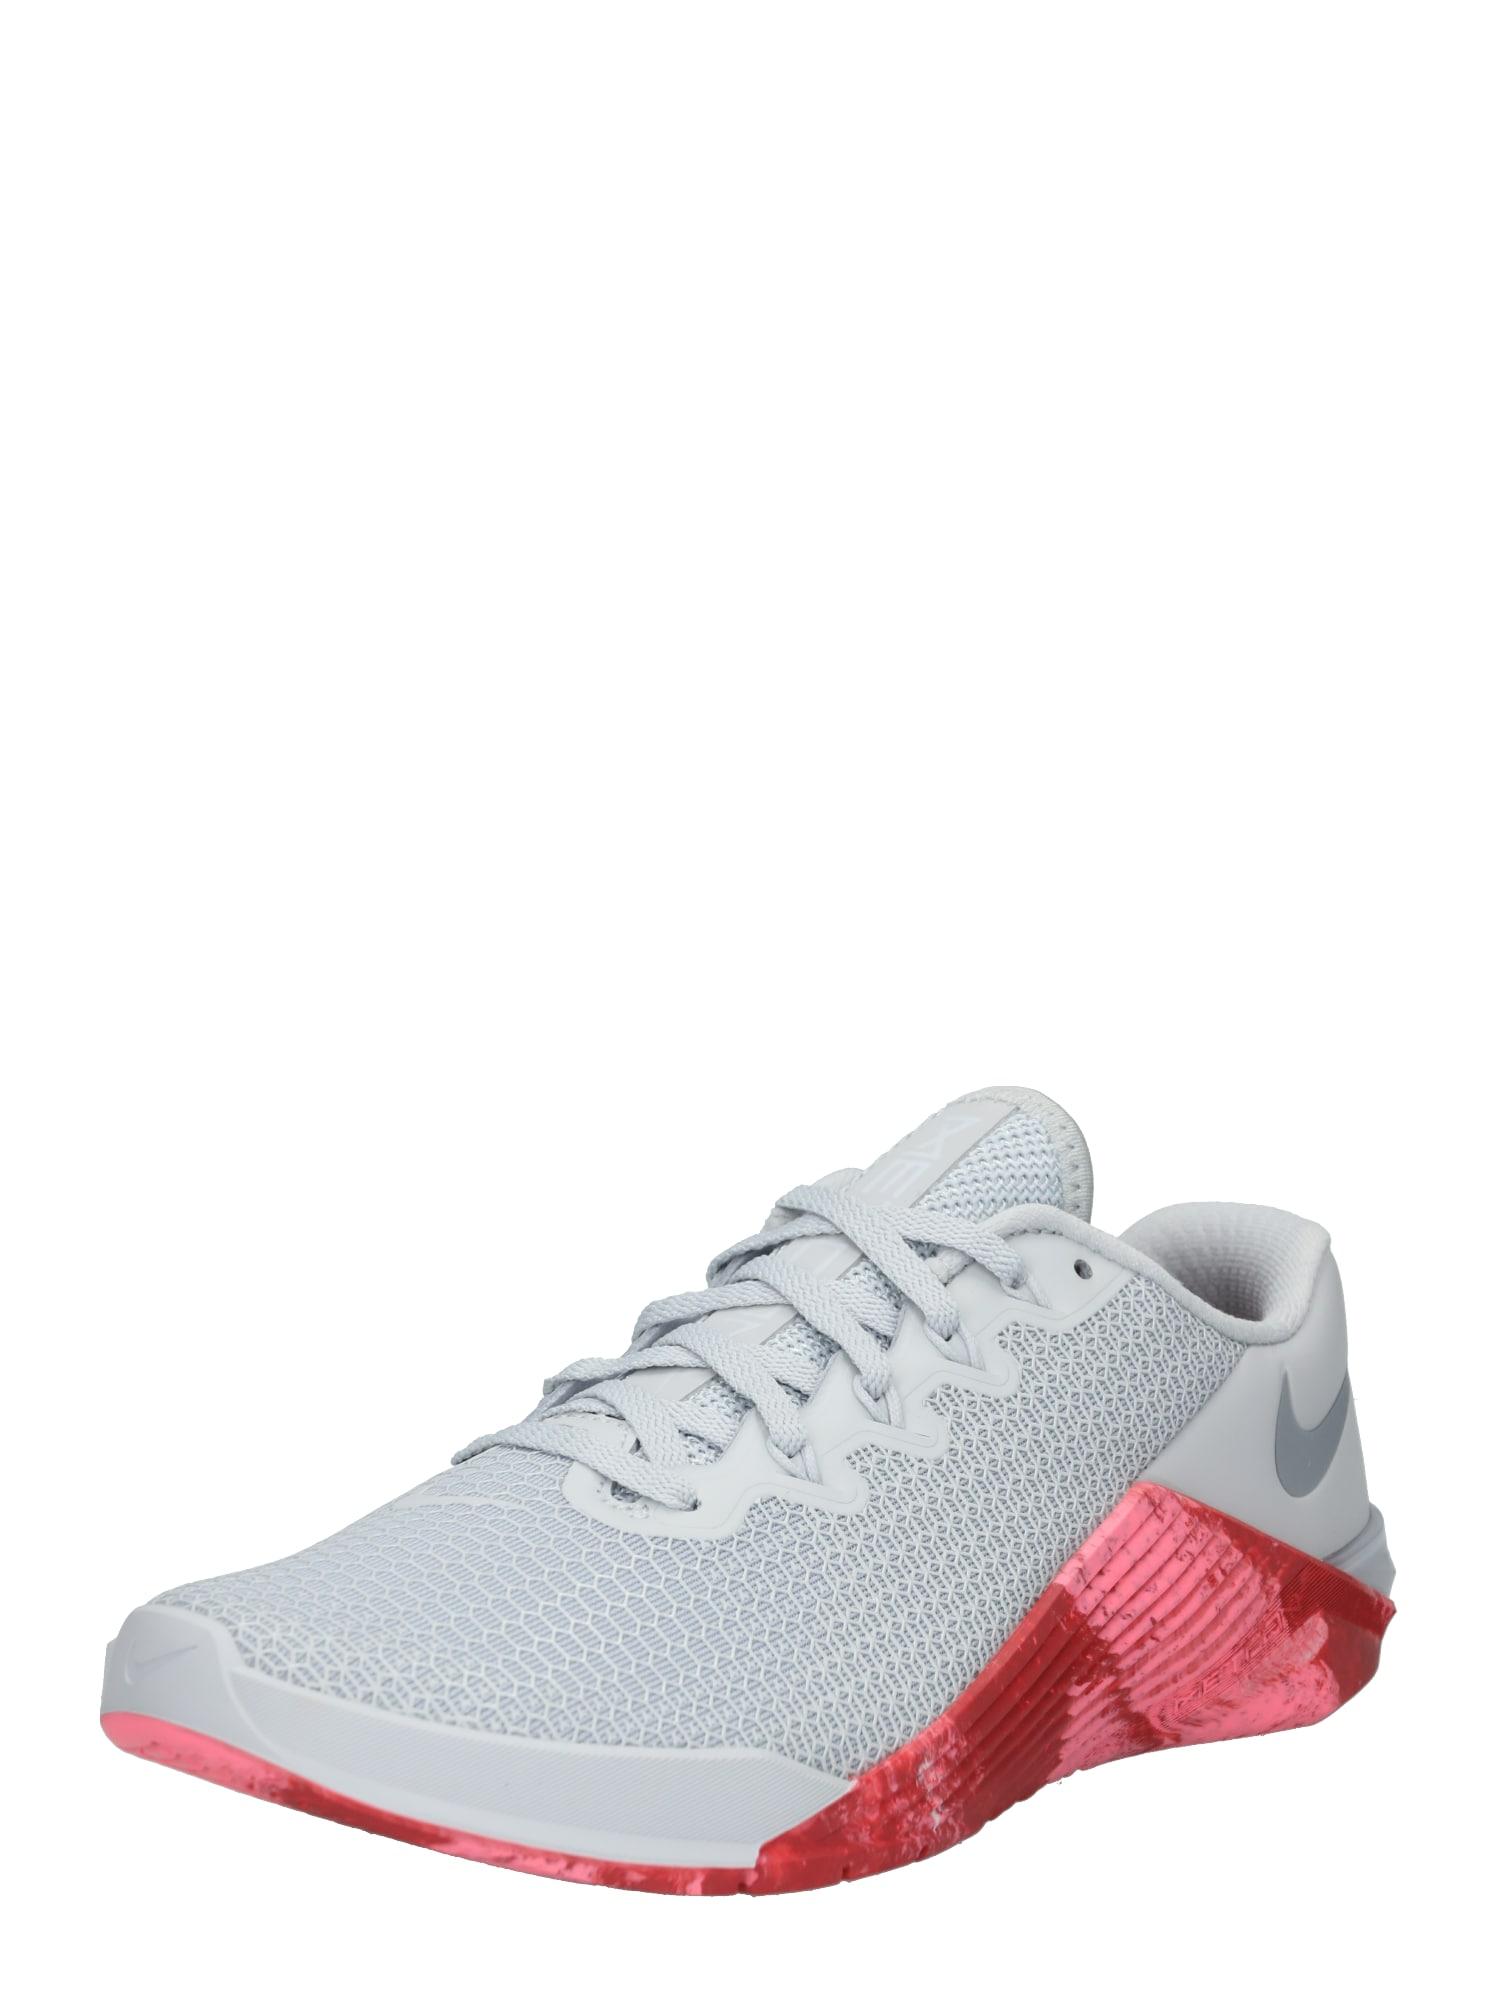 Sportovní boty WMNS METCON 5 šedá červená NIKE